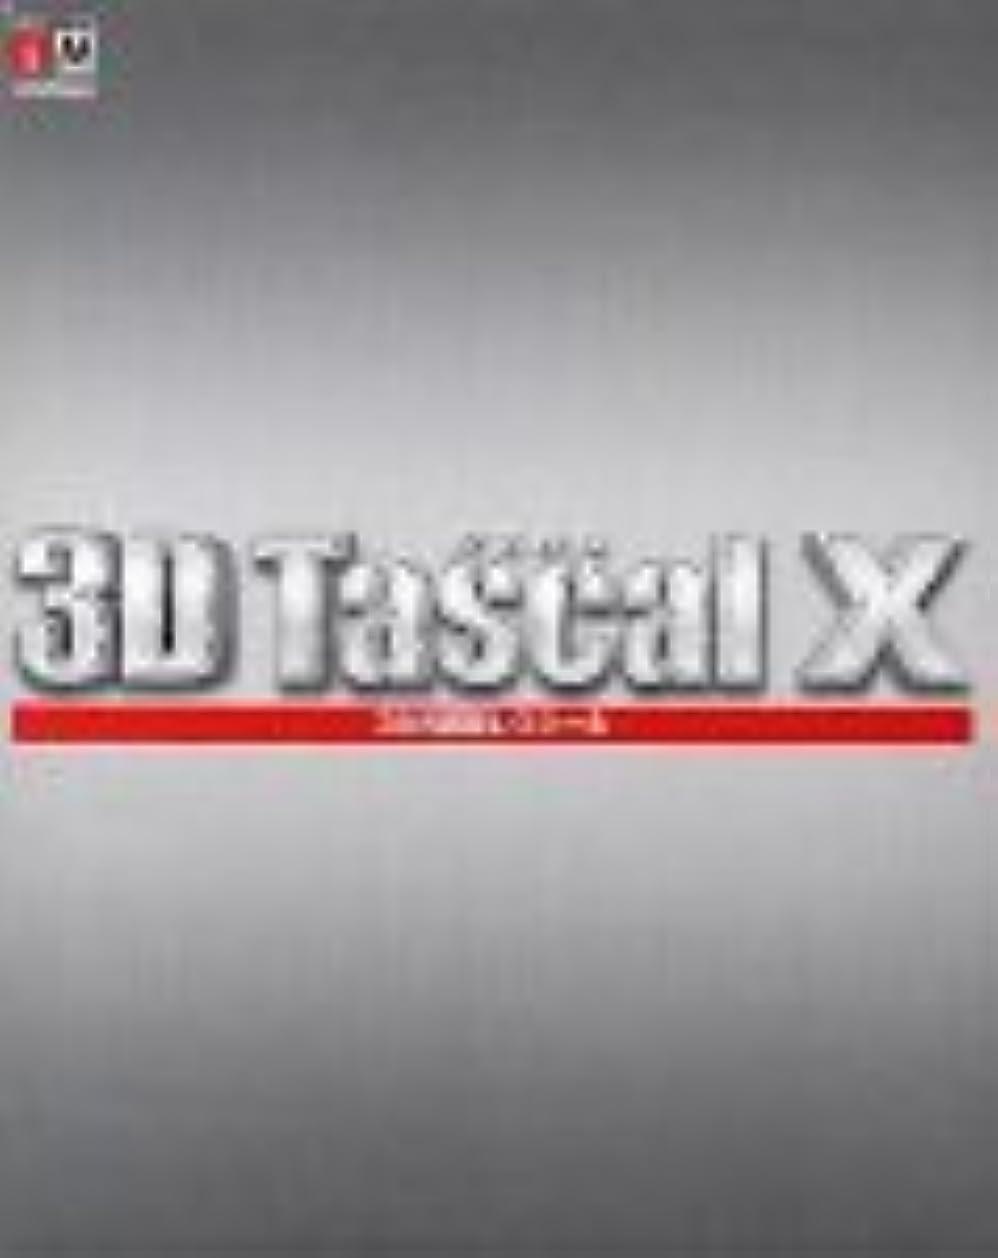 ギャロップシニスデモンストレーション3D Tascal X ベースモジュール